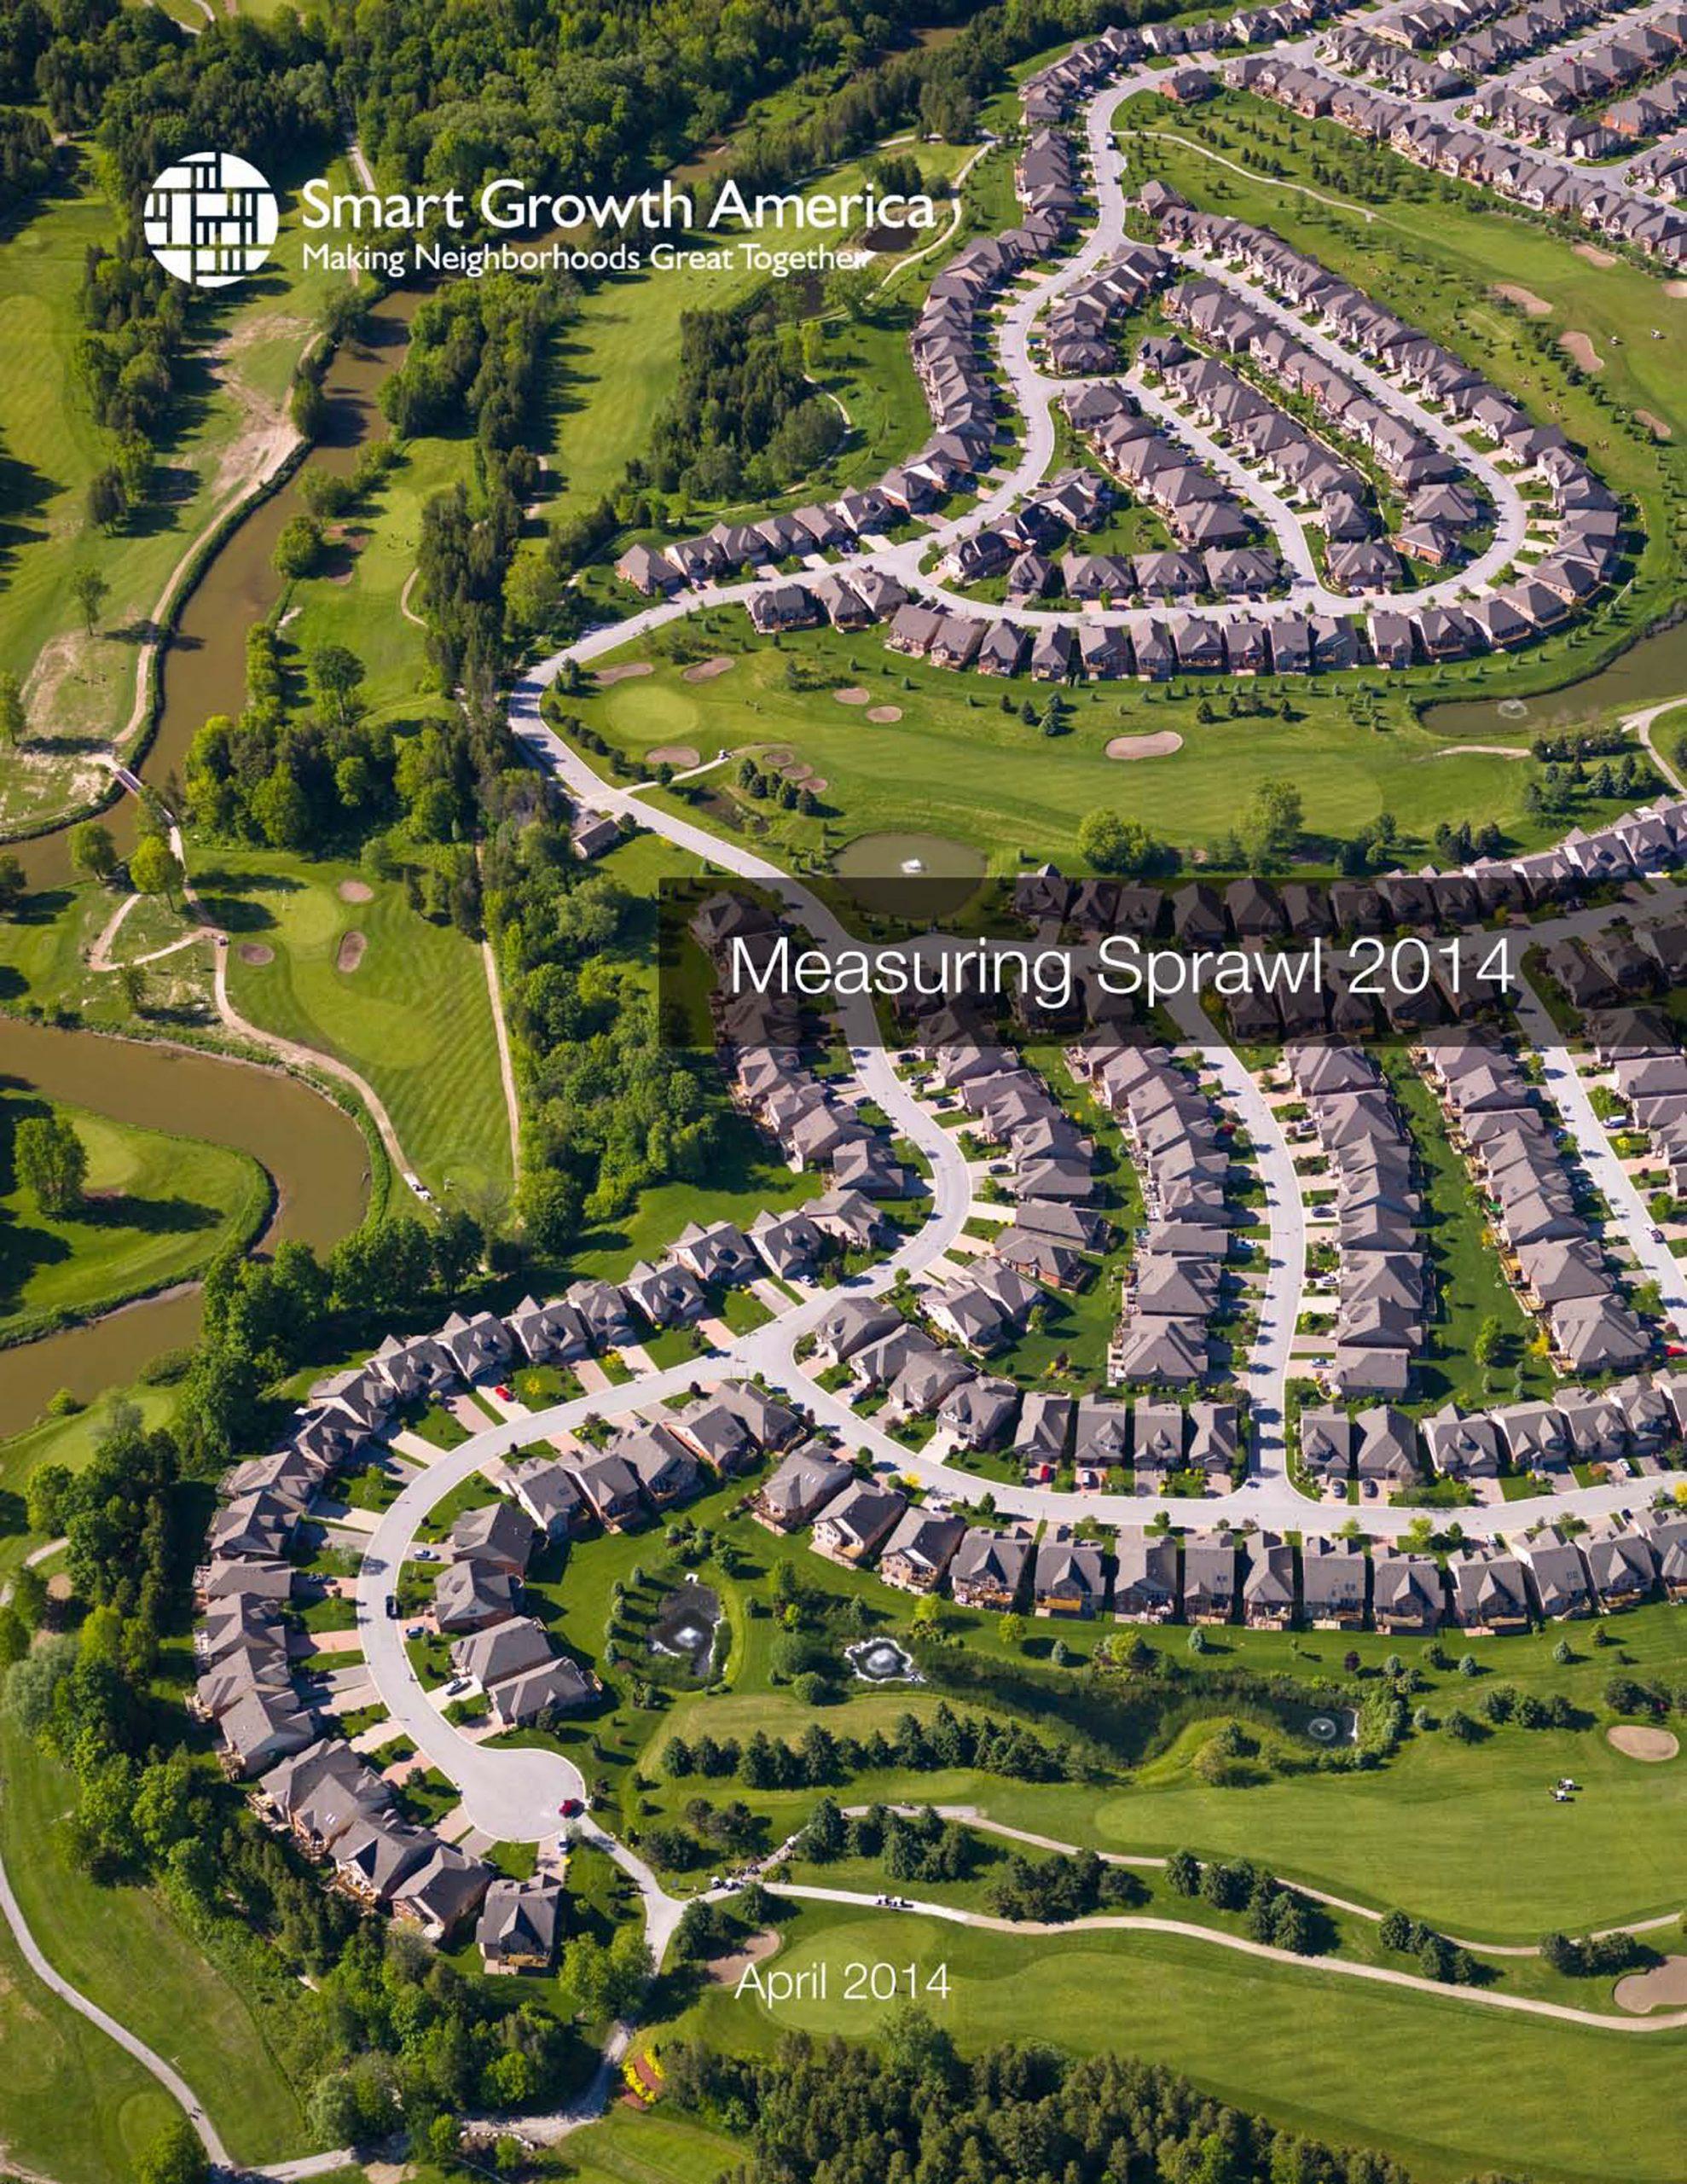 measuring-sprawl-2014